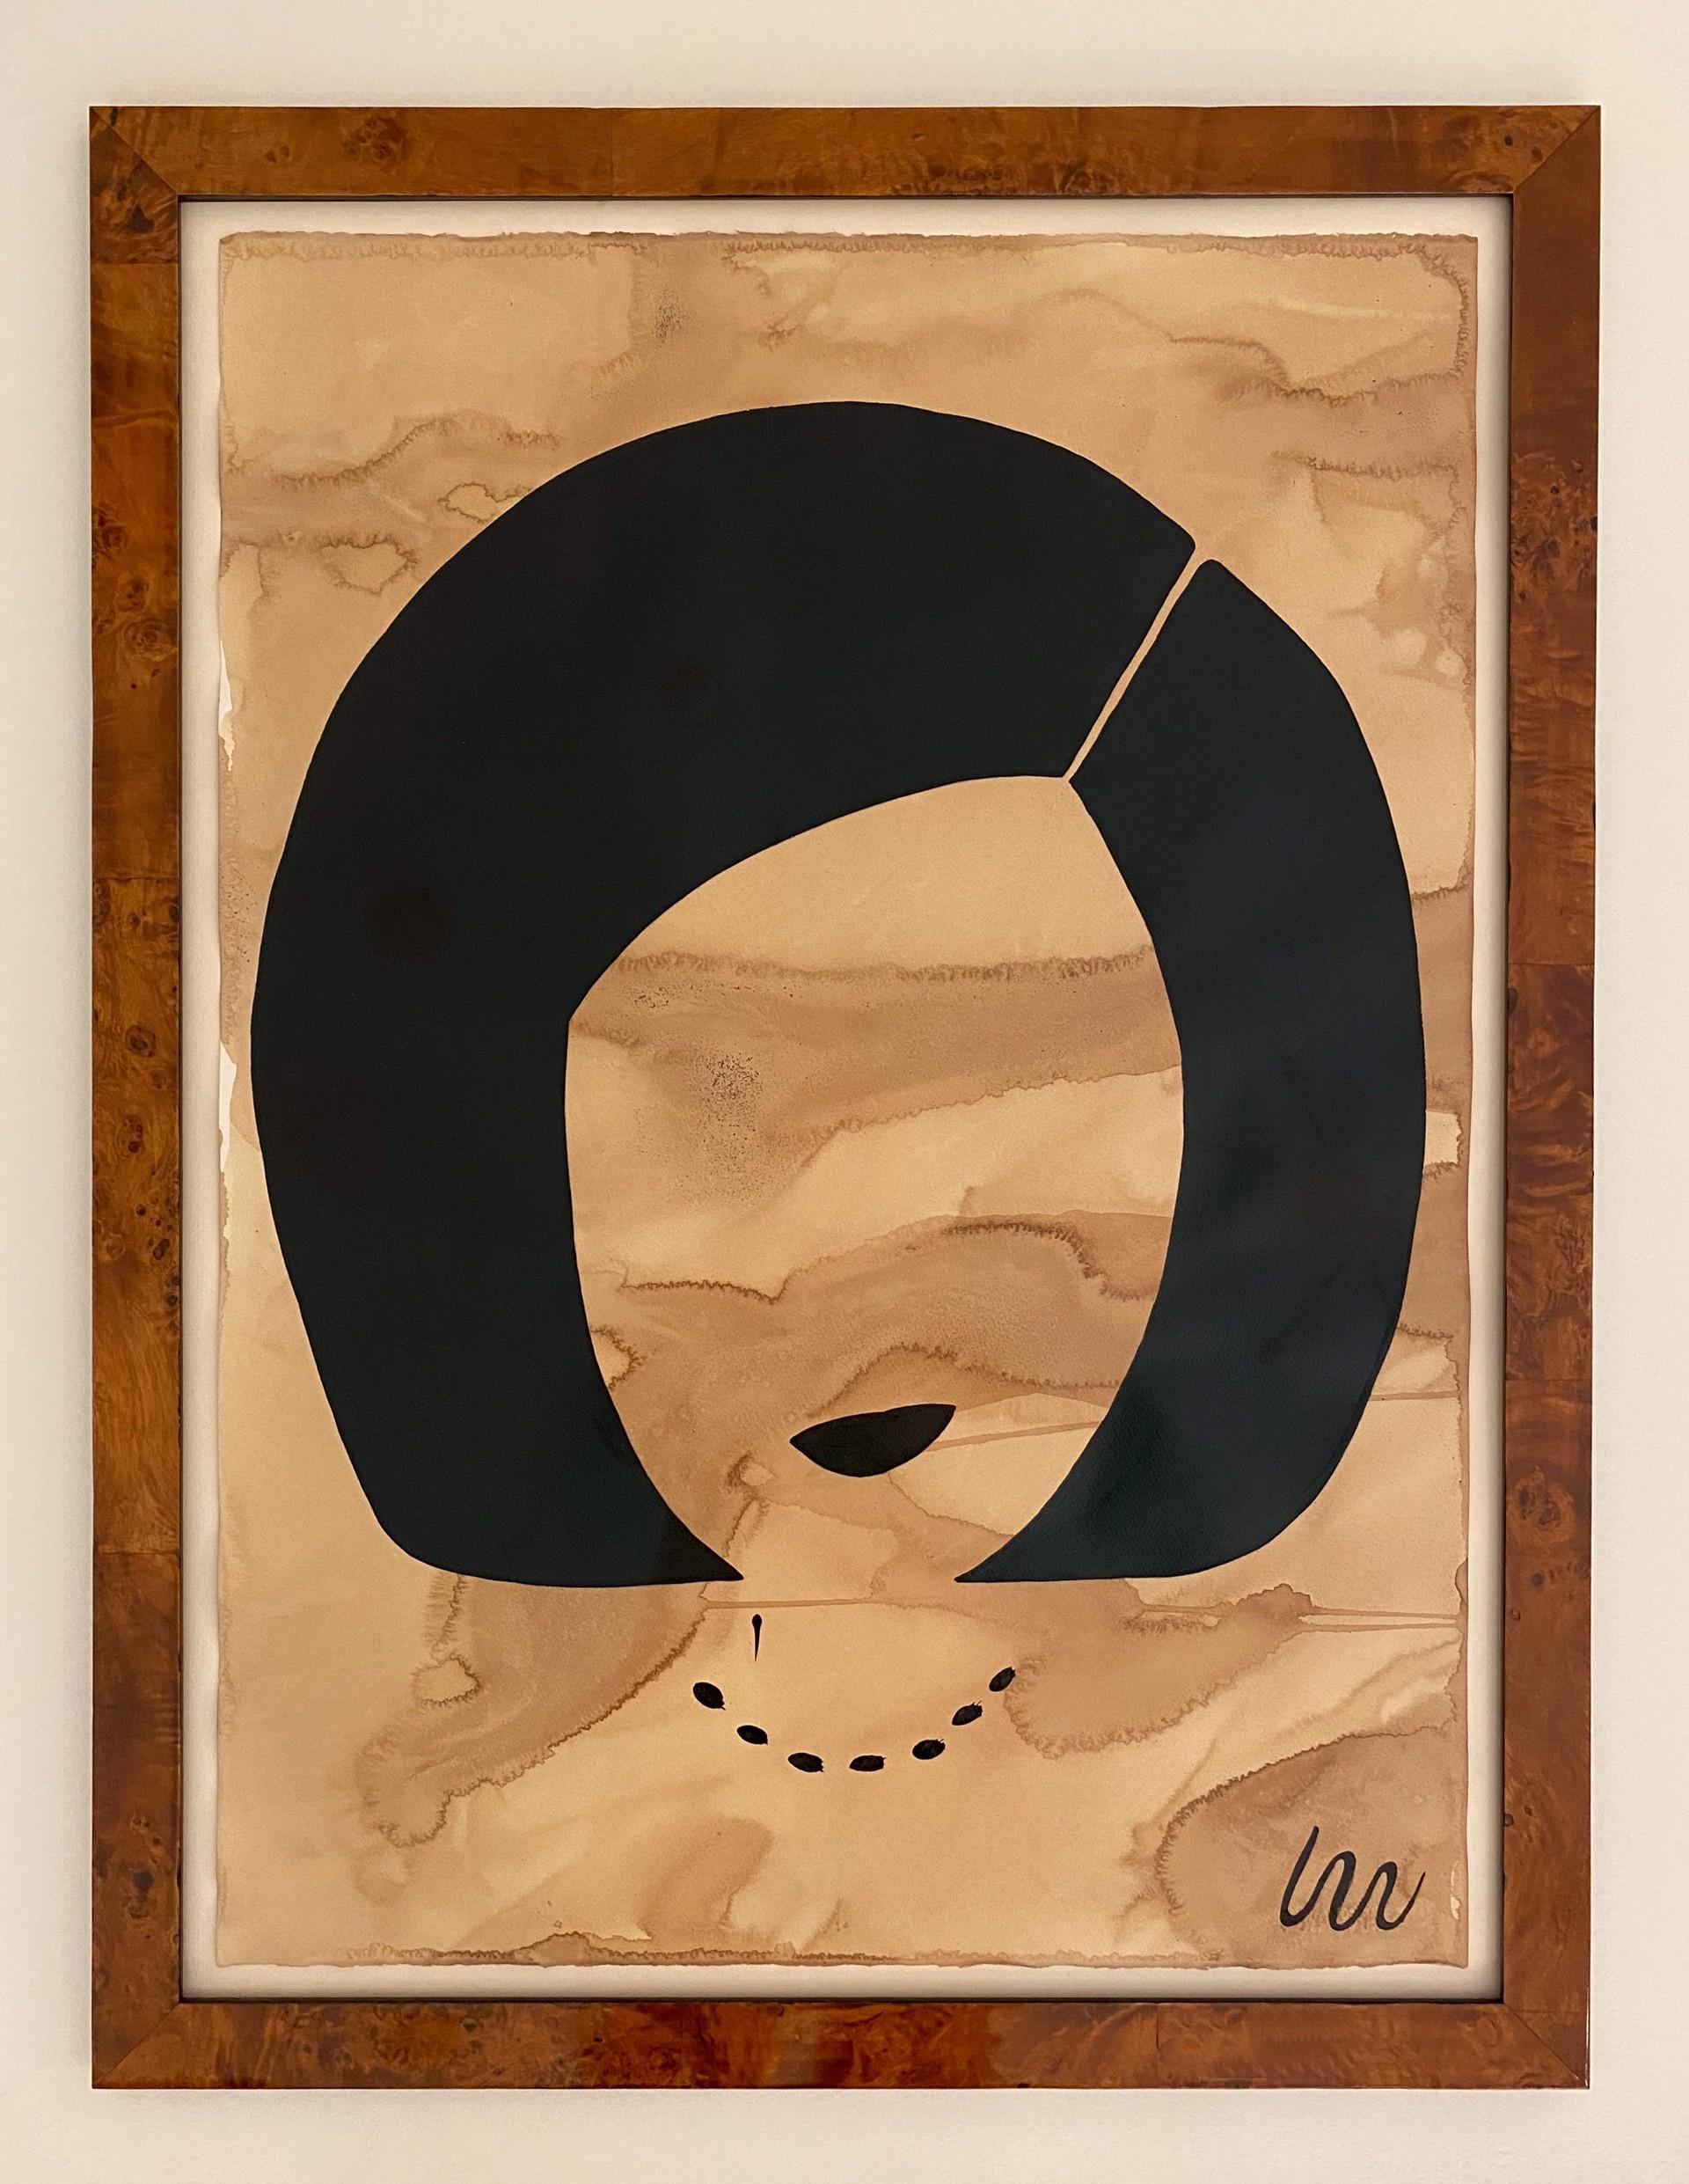 Maebe by Whitney Stoddard